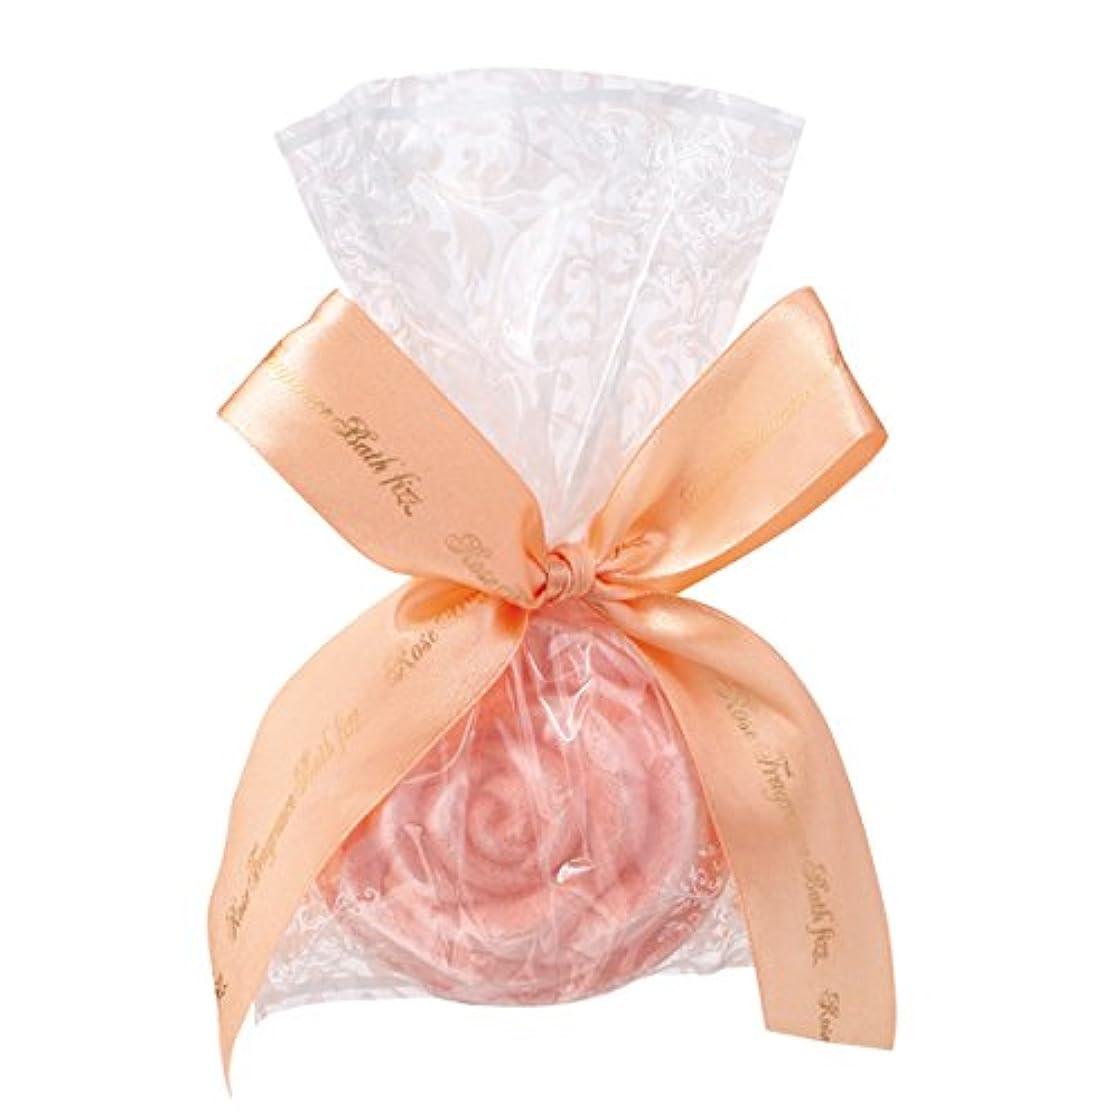 ドメインシガレット保護(内野)UCHINO ノルコーポレーション ローズフレグランスバスフィズ(ラビングローズの香り)